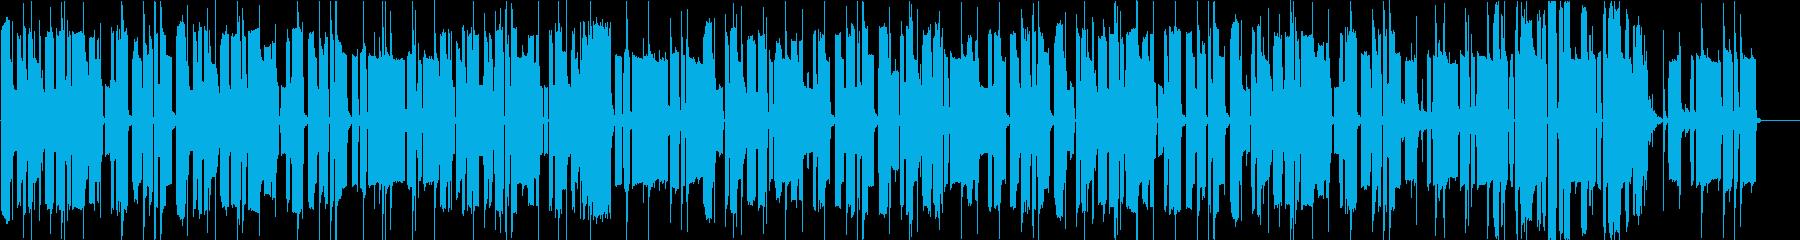 ドジっ子がドジした時のBGMの再生済みの波形